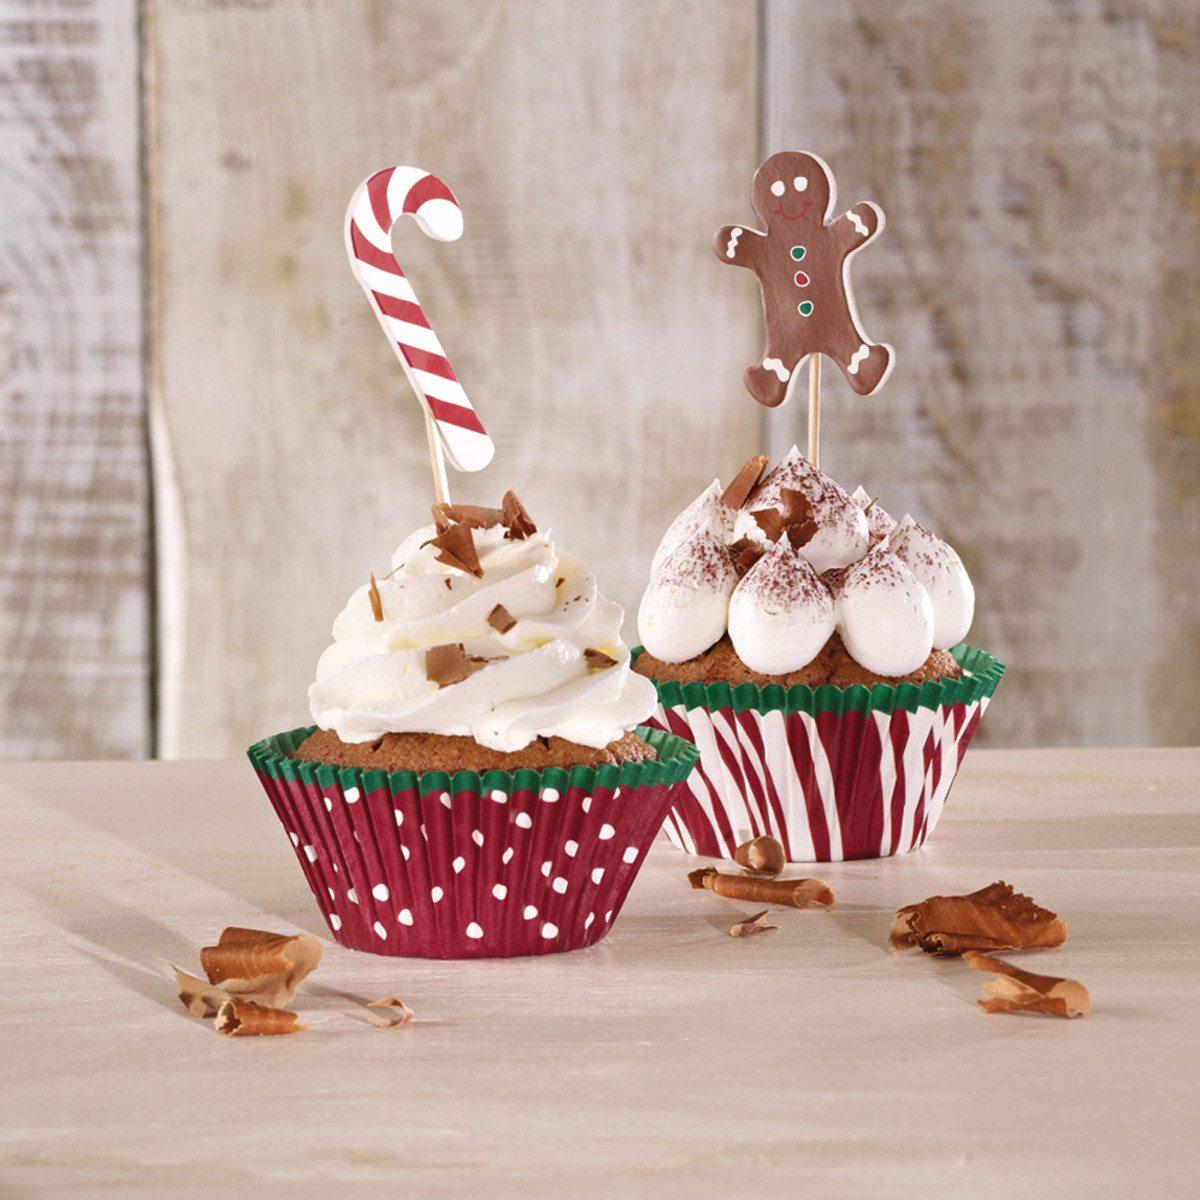 Juledekoration til cupcakes